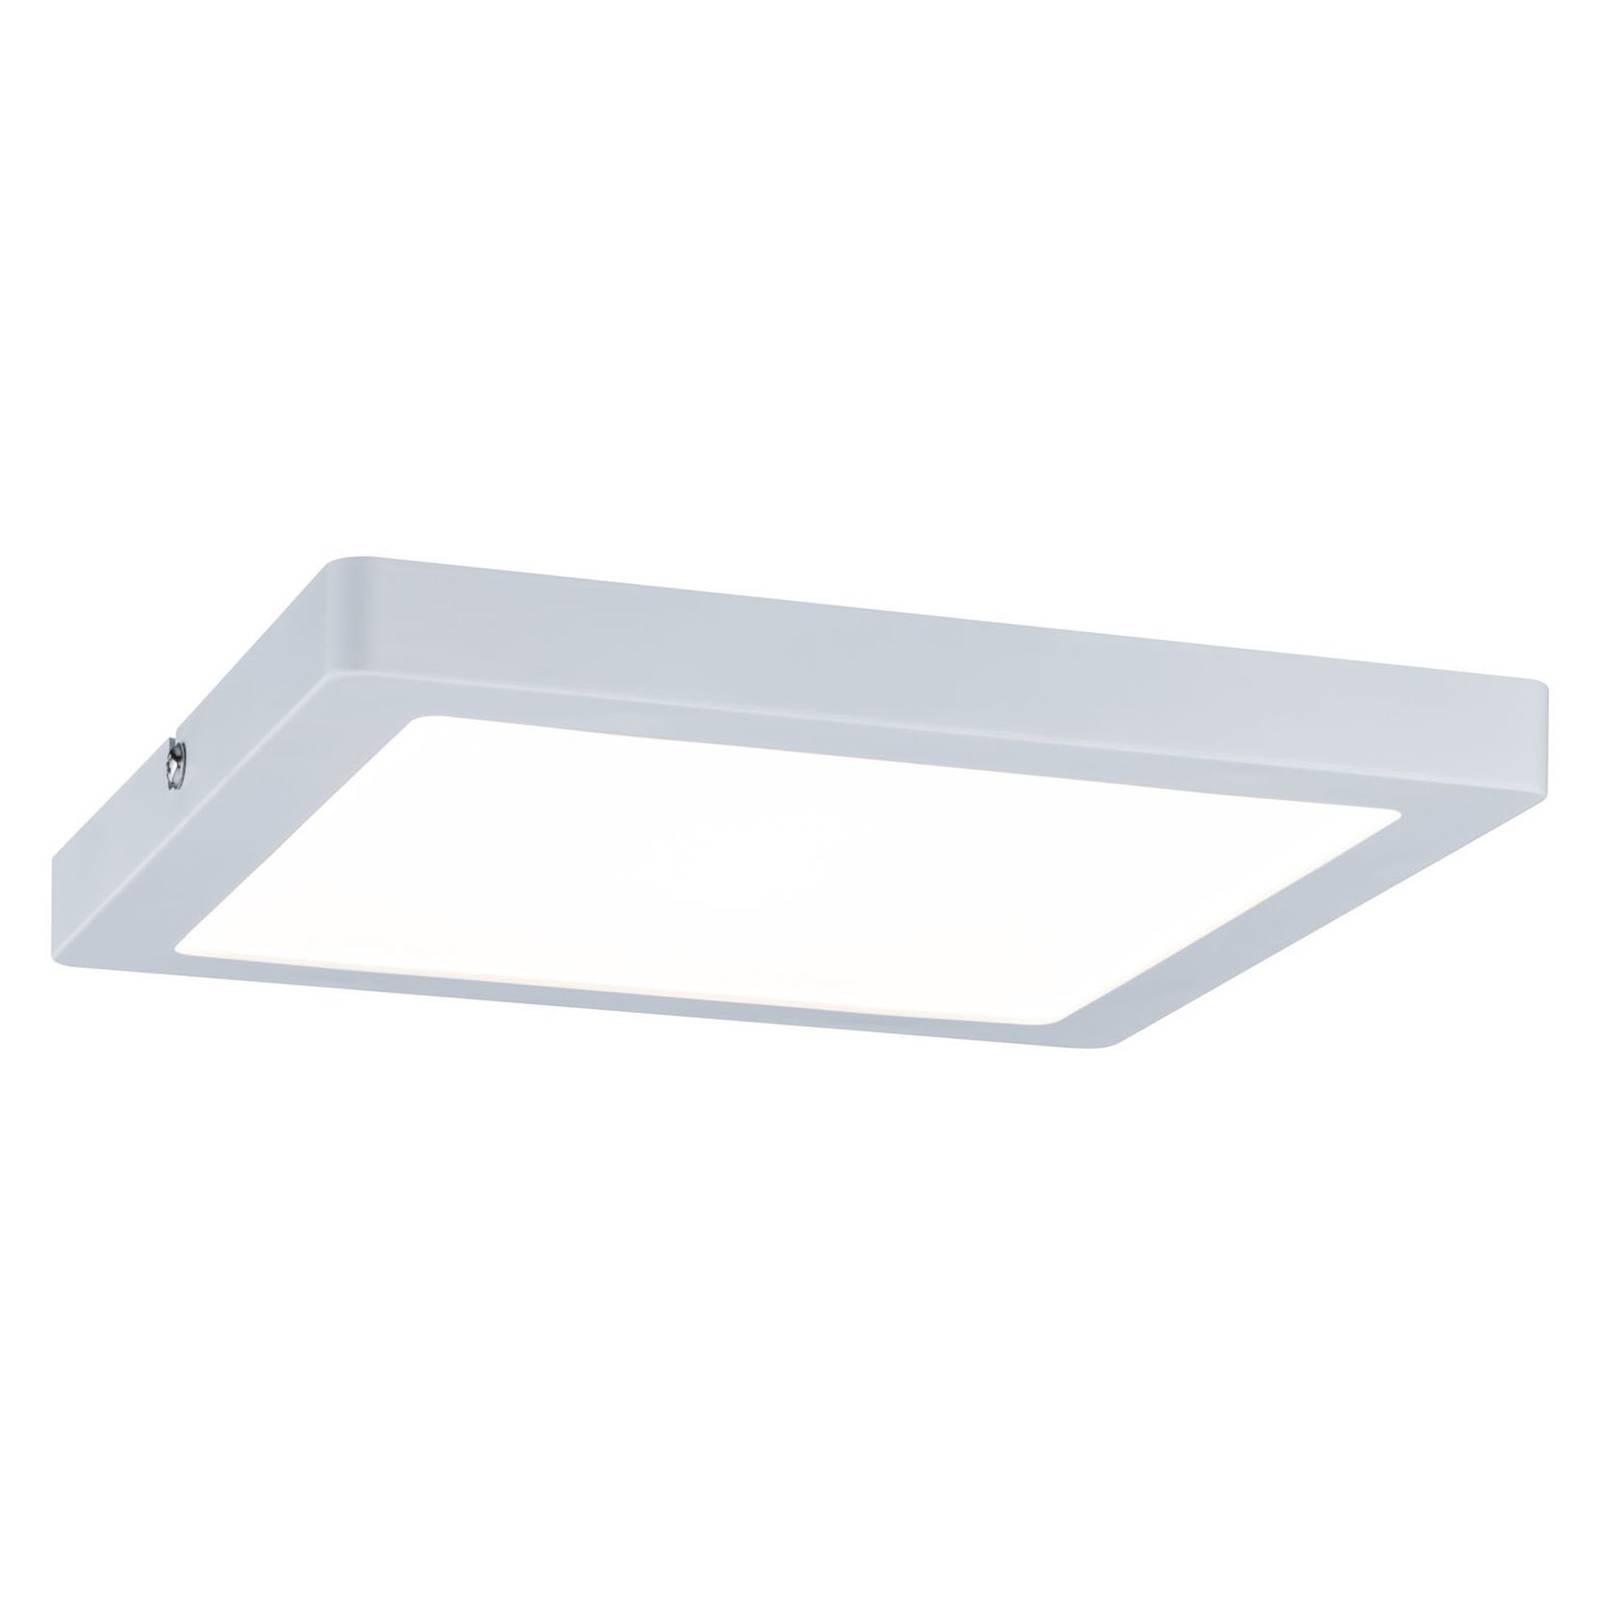 Paulmann Atria -LED-kattovalaisin 22 x 22 cm